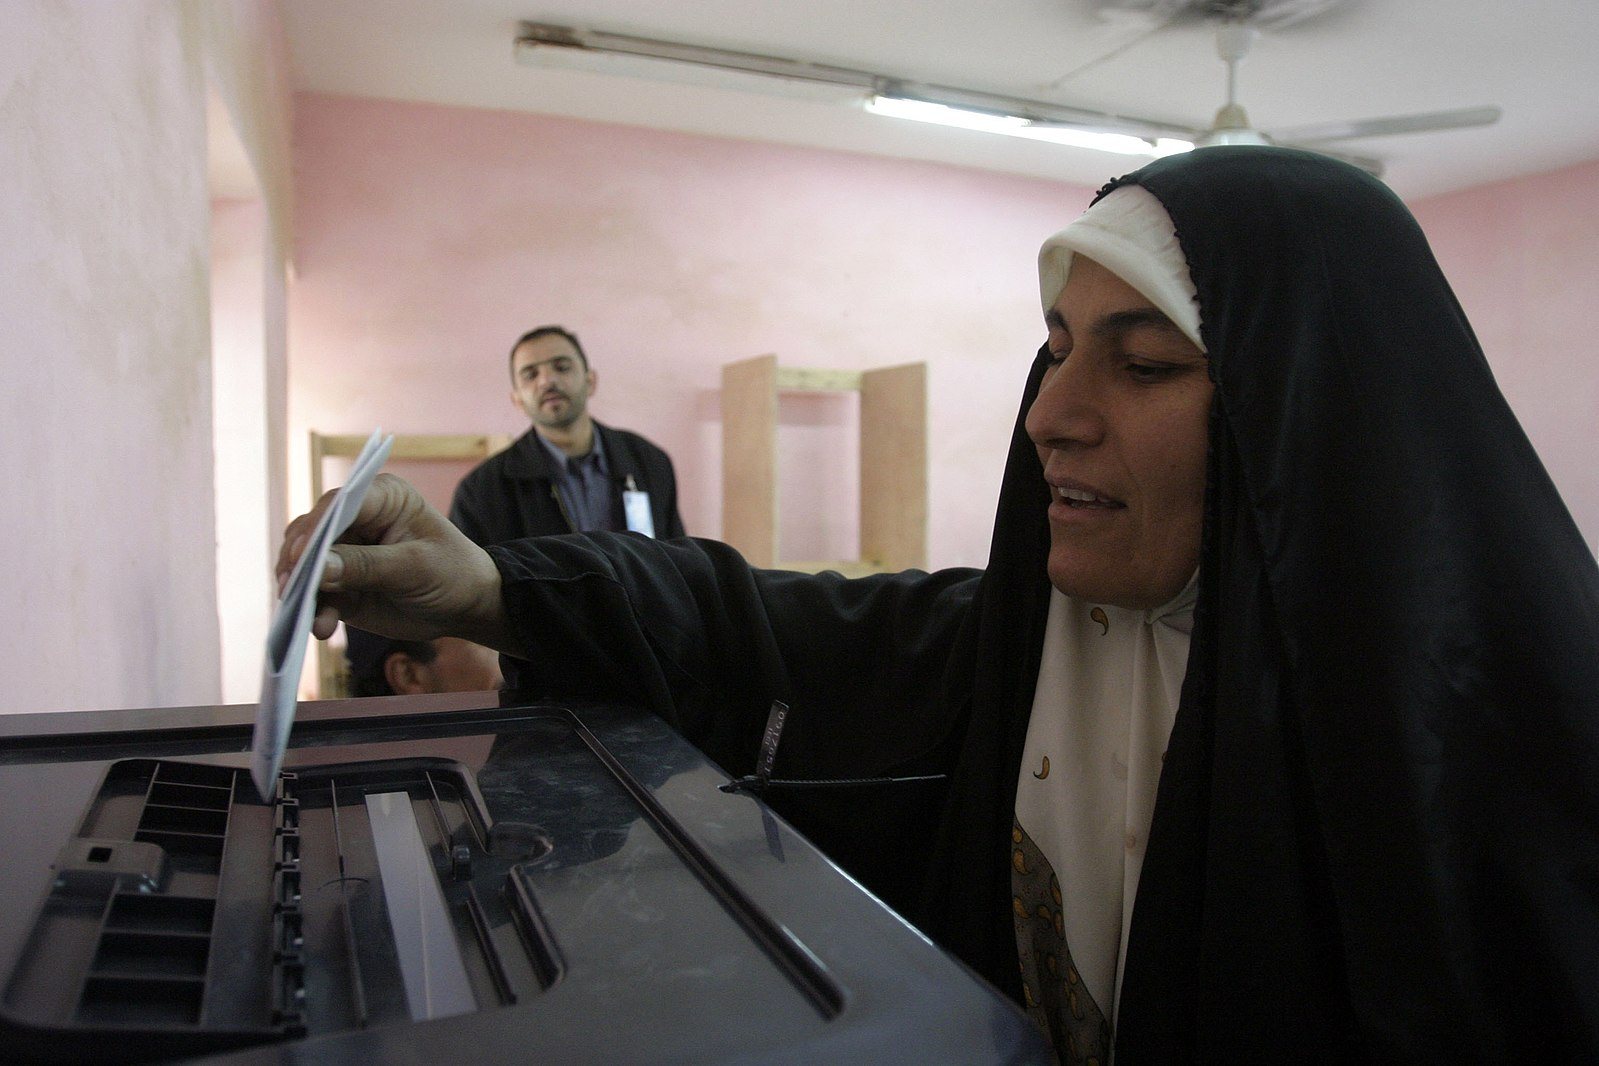 A woman drops a ballot into a ballot box